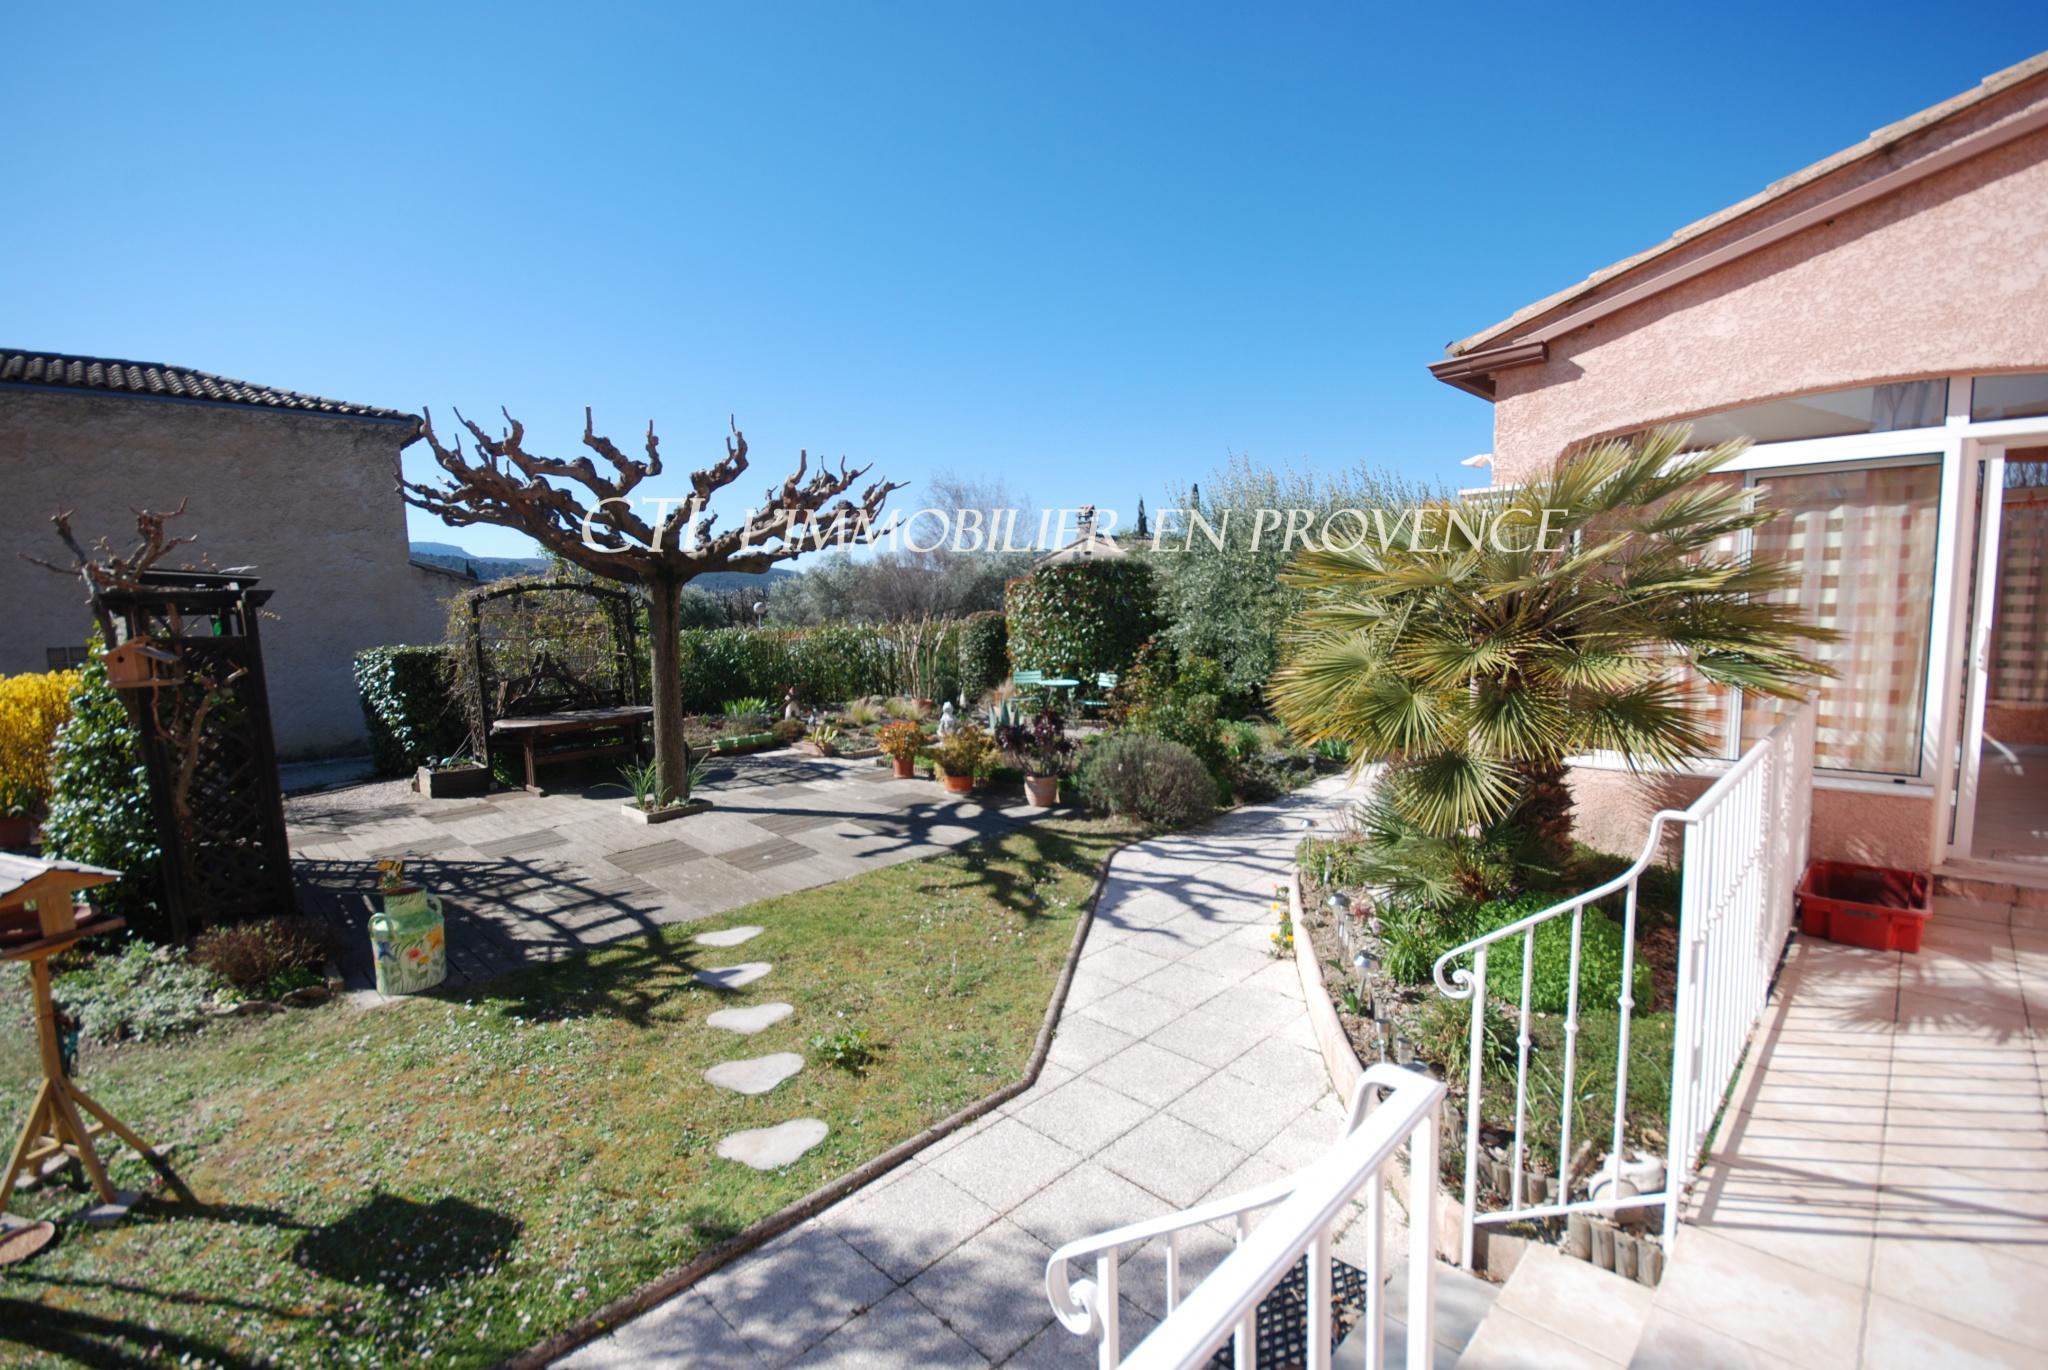 0 www.cti-provence.net villa provençale de plain pied proche centre ville de Vaison, joli jardin